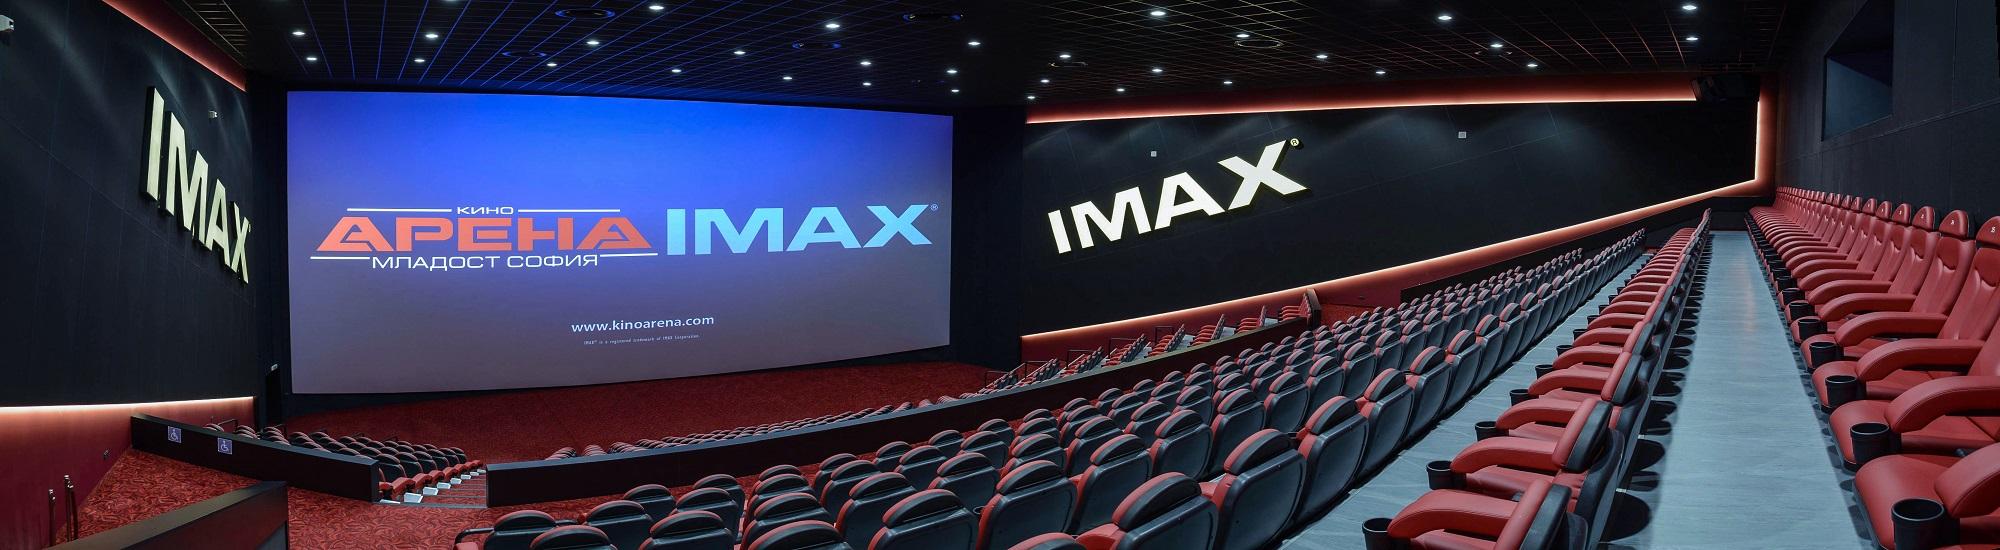 Imax Cineboom сайт за кино телевизия и книги